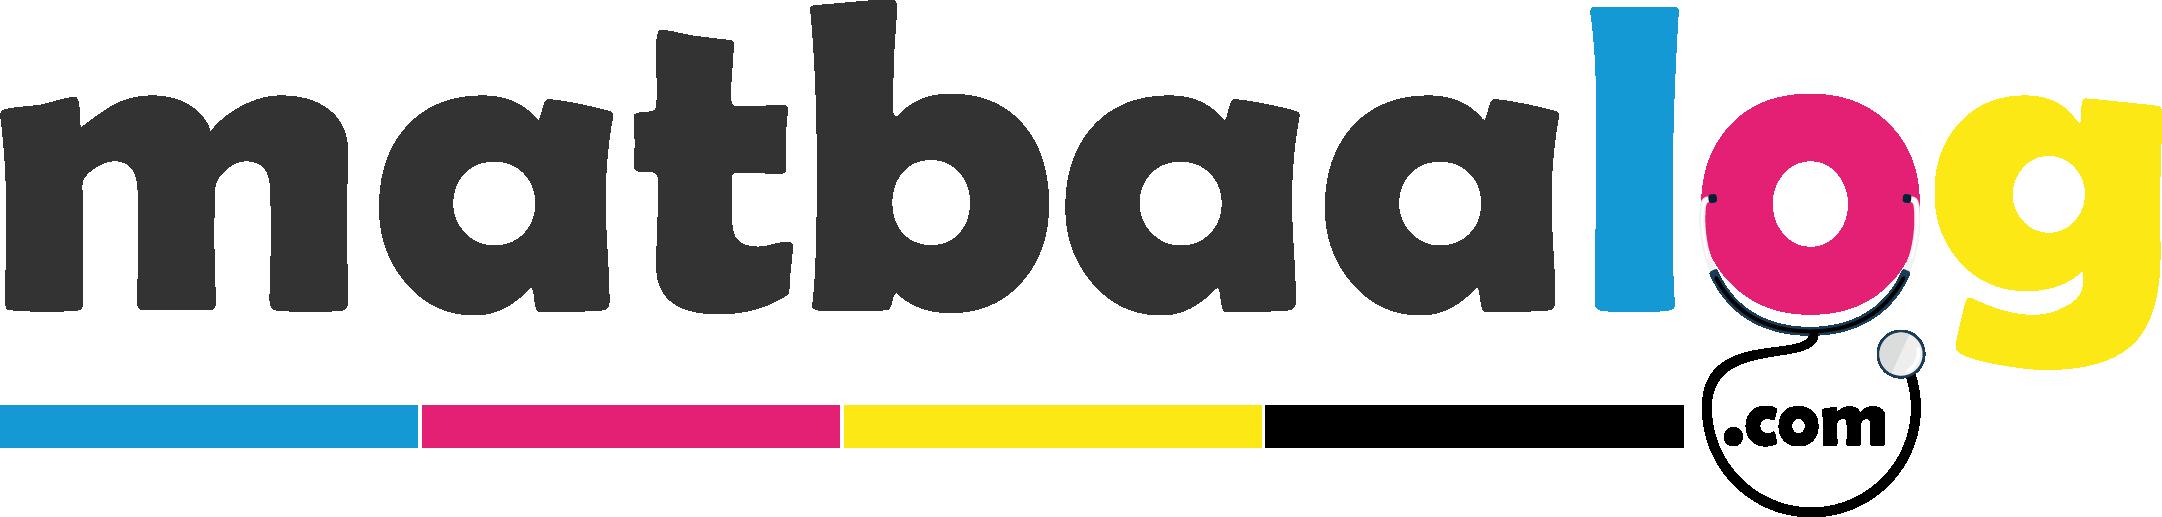 Matbaalog Online Matbaa